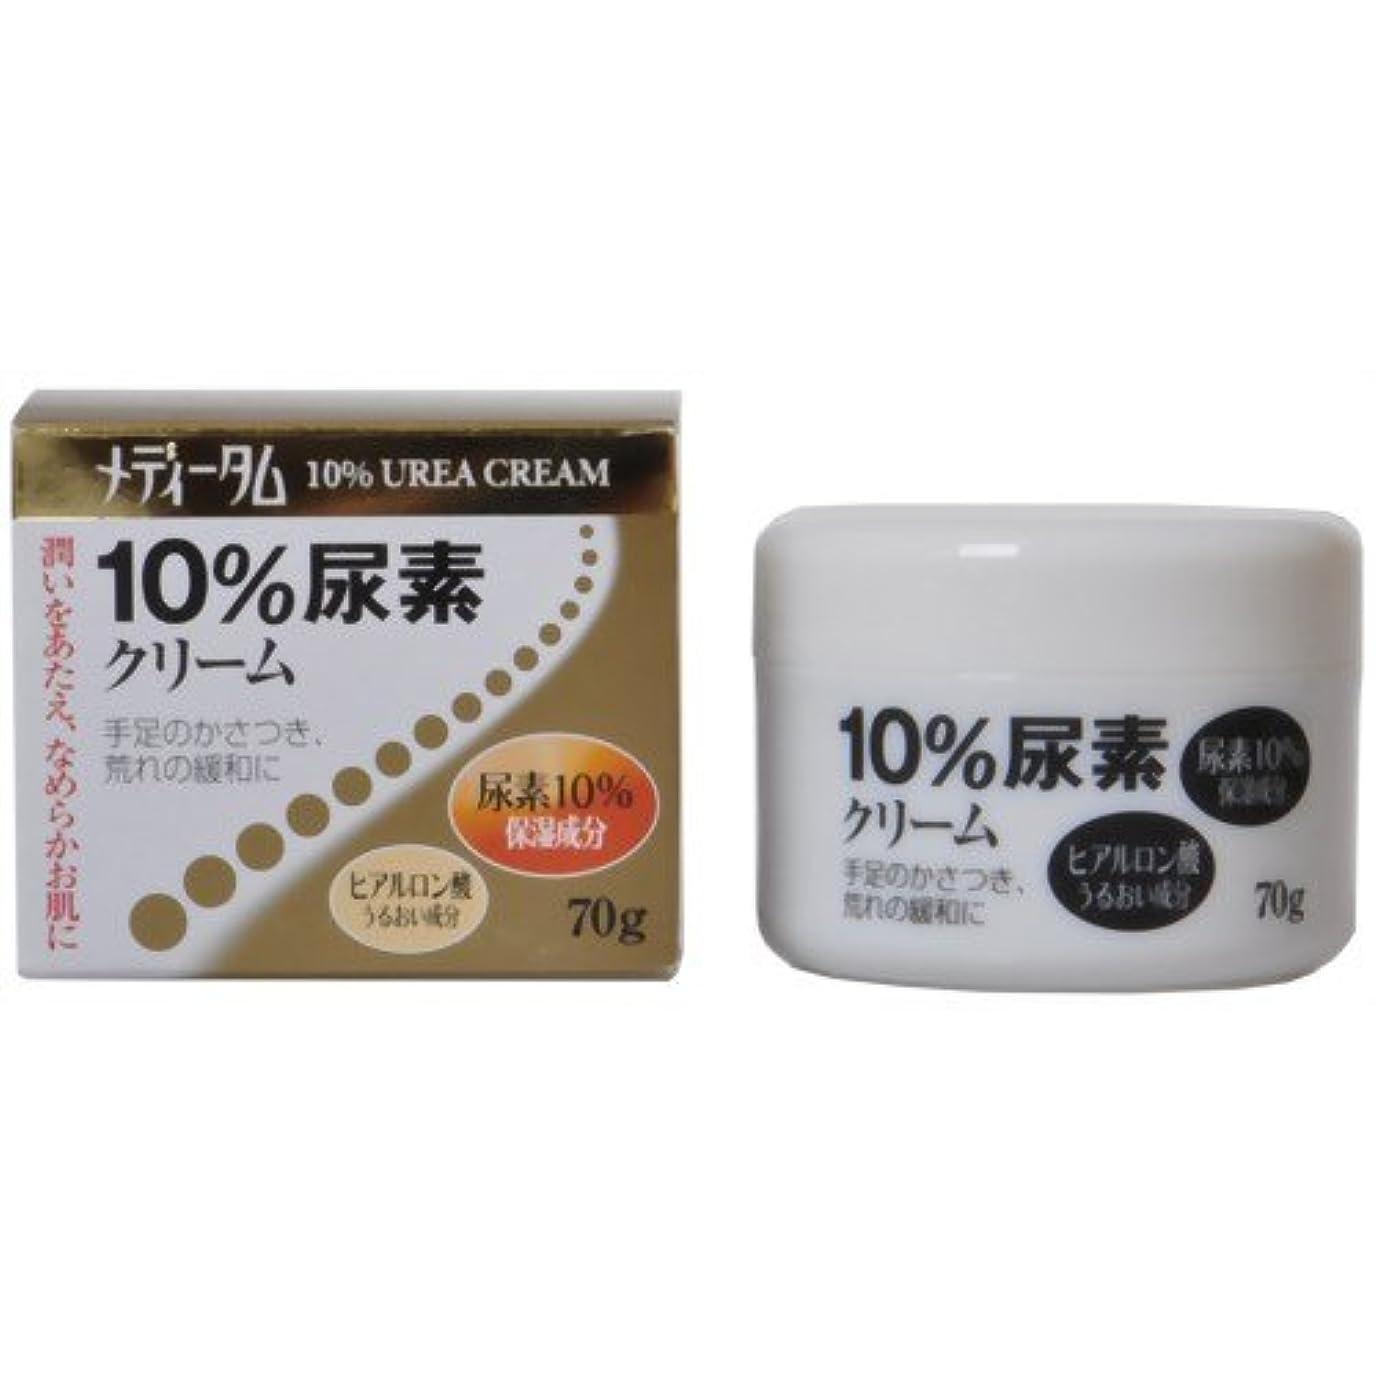 反対貼り直すカヌーメディータム 10%尿素クリーム 70g